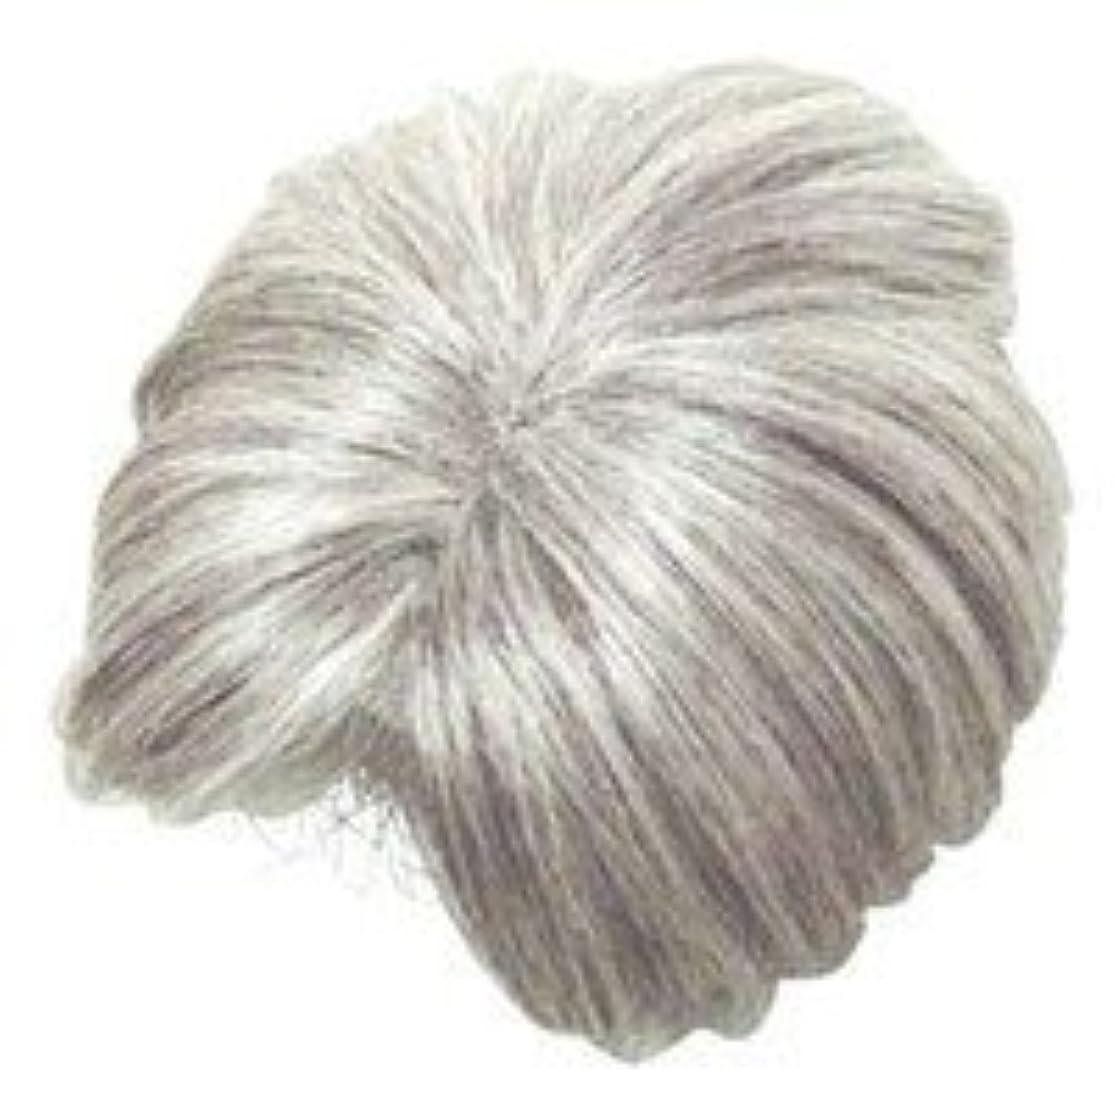 学士いろいろスポットモアヘアピース部分かつら (白髪80パーセント)